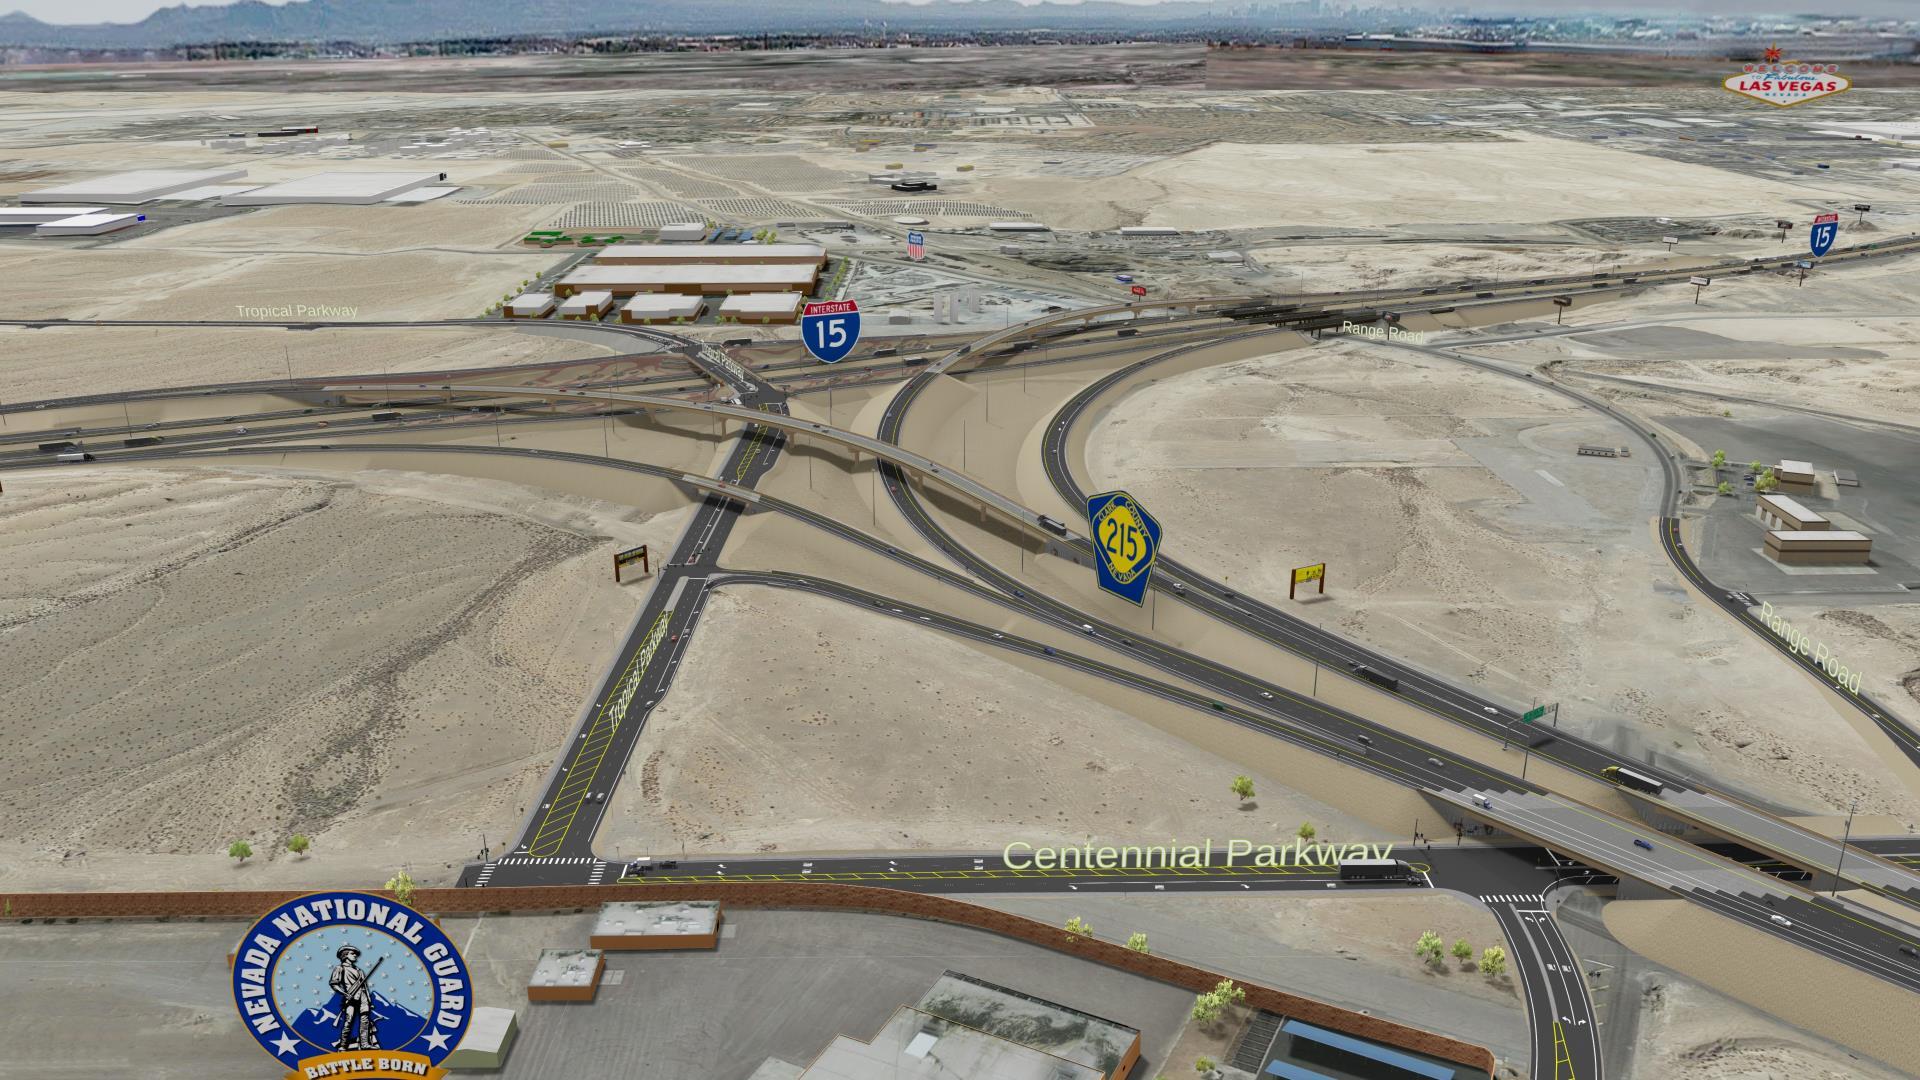 las vegas 15 freeway construction